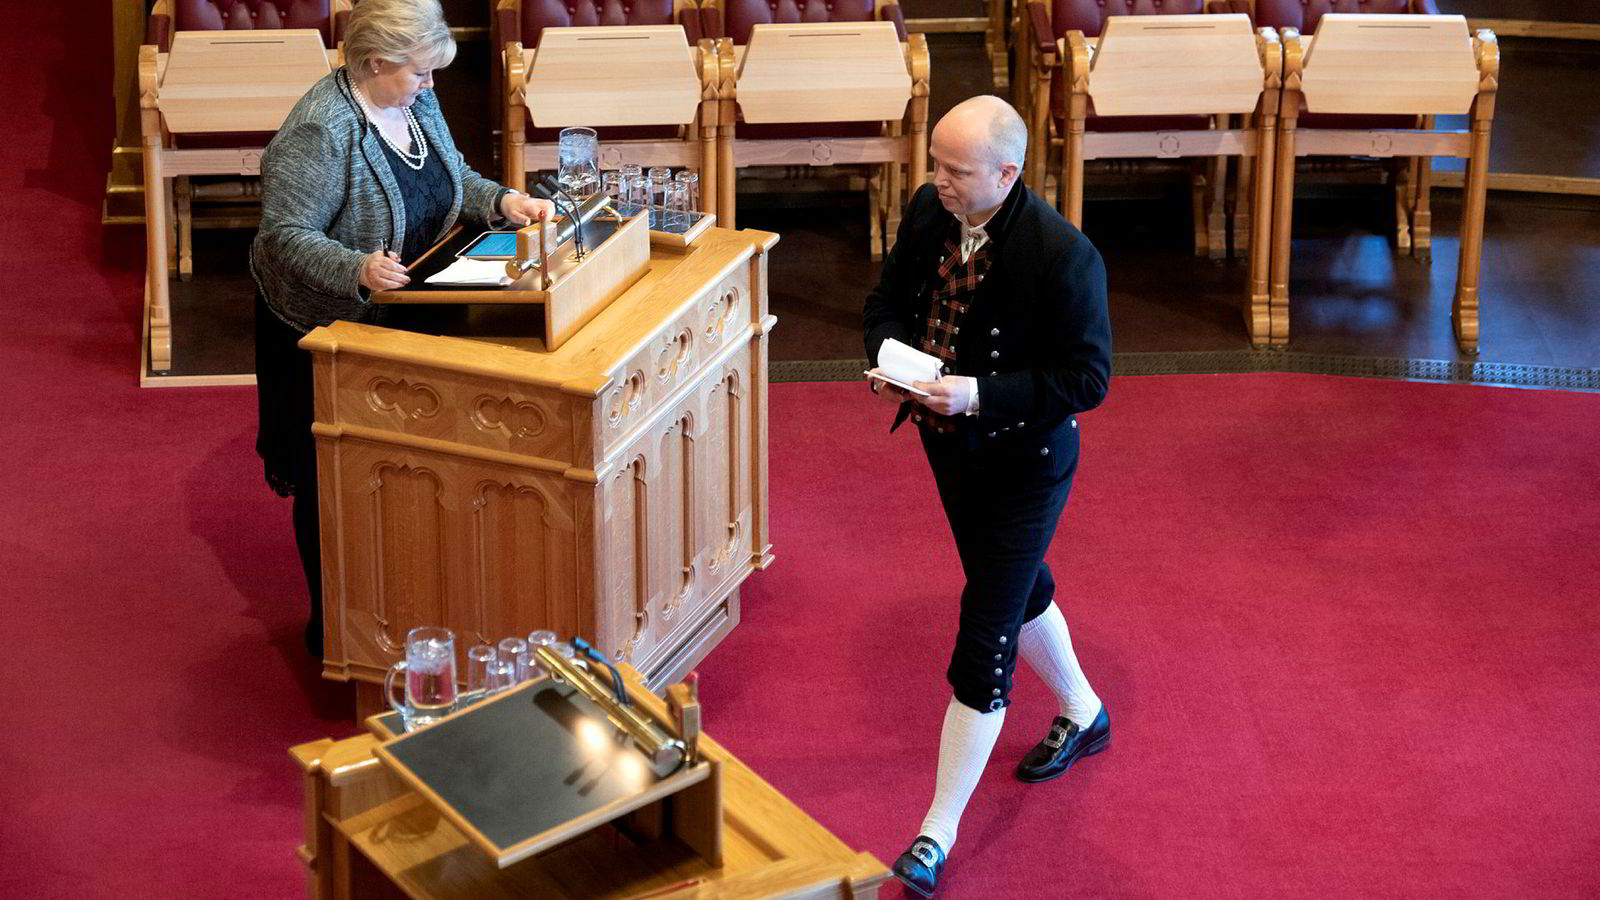 Senterpartiets Trygve Slagsvold Vedum stilte i bunad, men uten kniv, da han stilte spørsmål til statsminister Erna Solberg om fødetilbud.